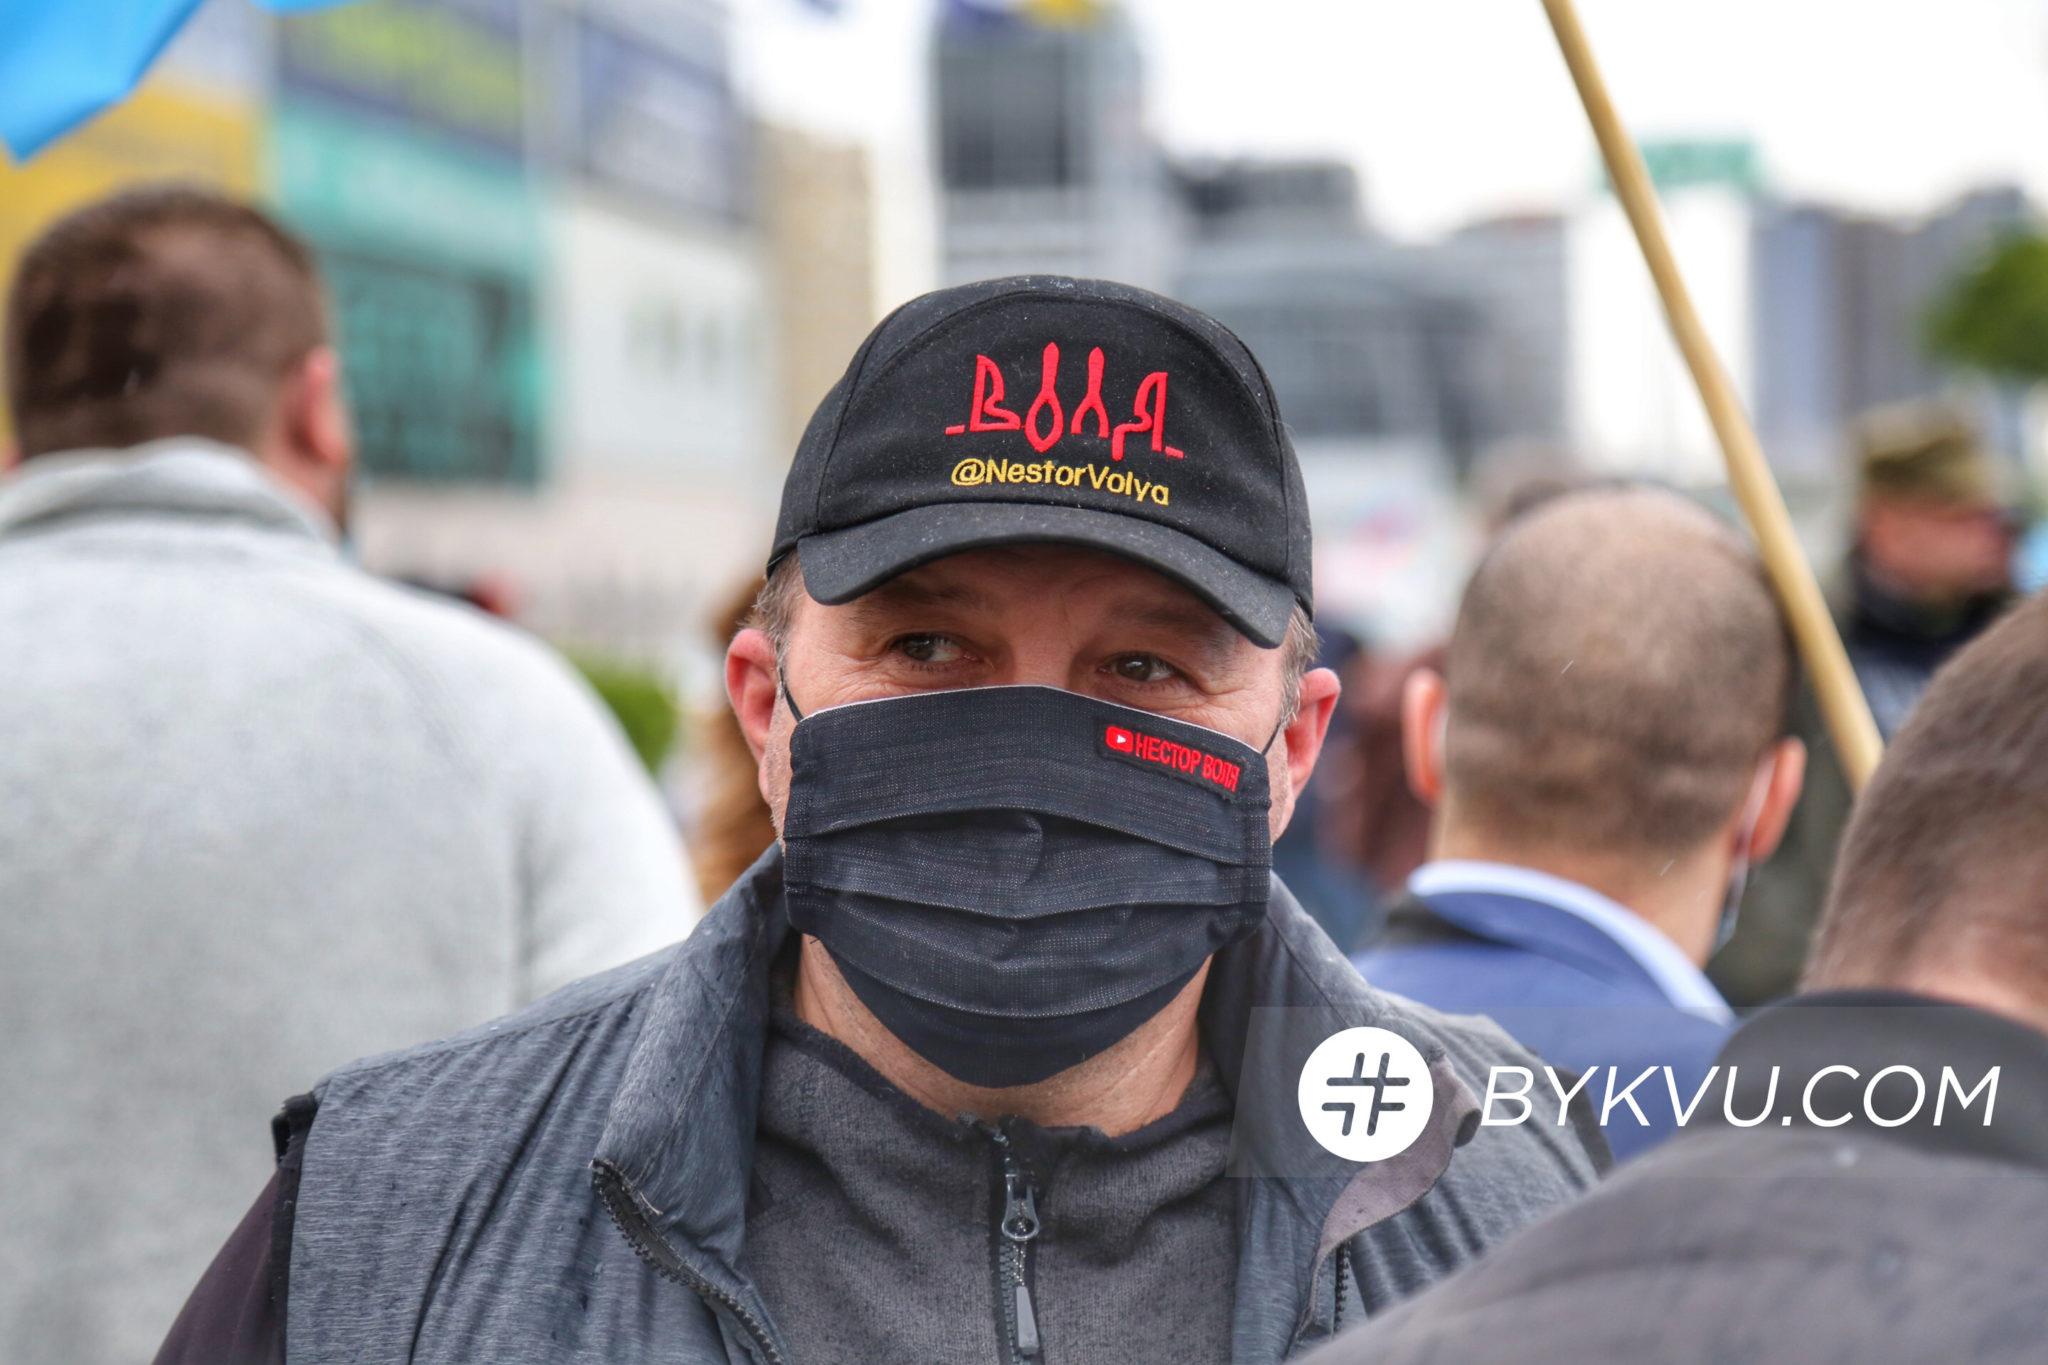 Автопробег_памяти_жертв_депортации _крымскотатарского_народа Киев автопробег 18_мая